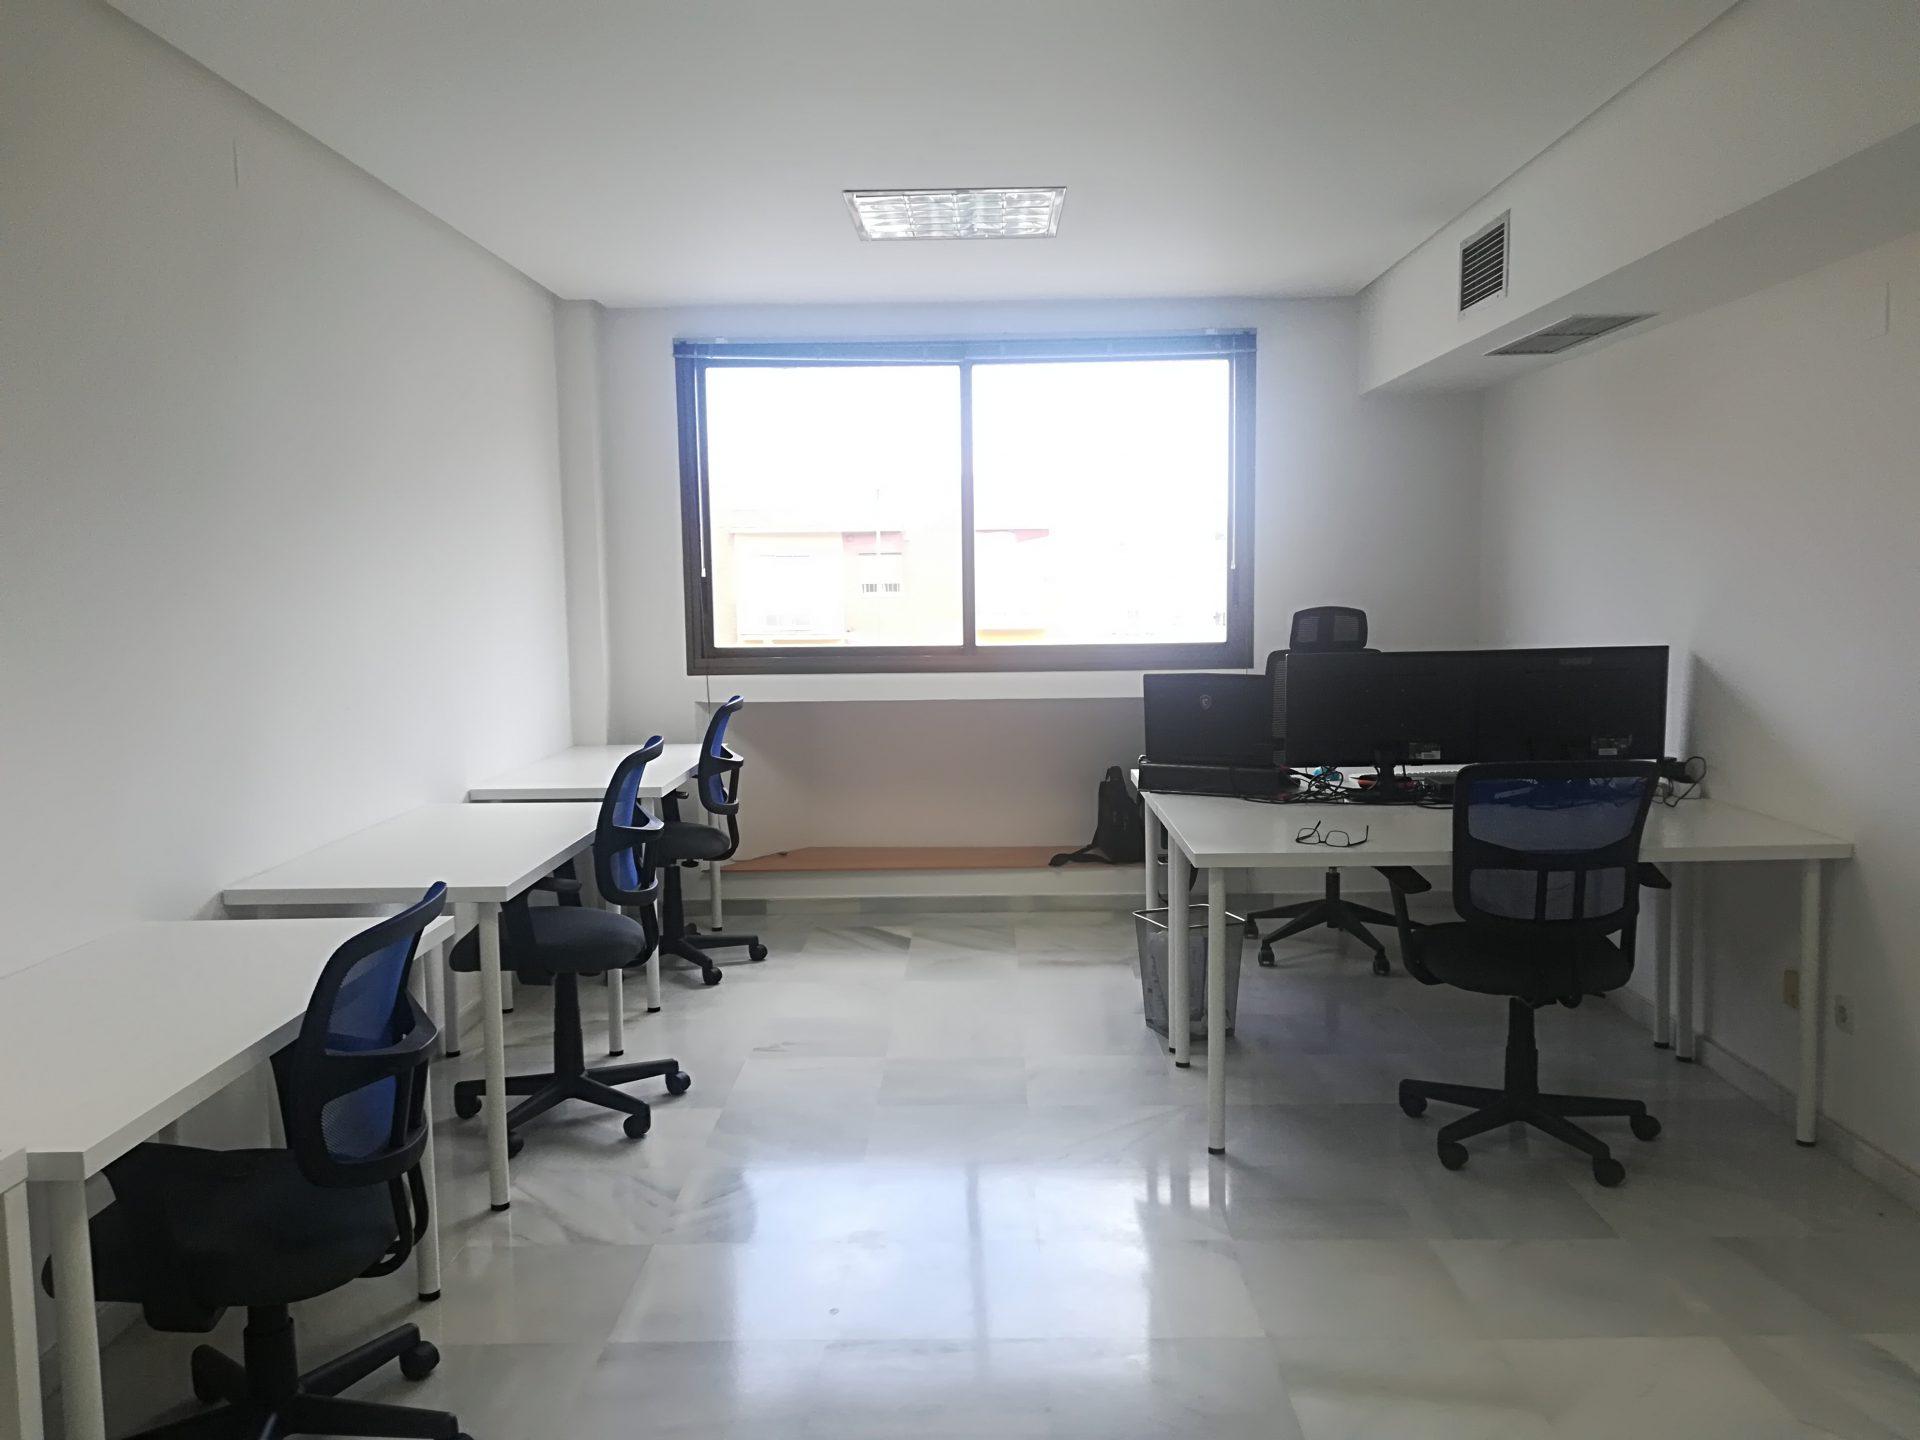 Oficina compartida en Sevilla